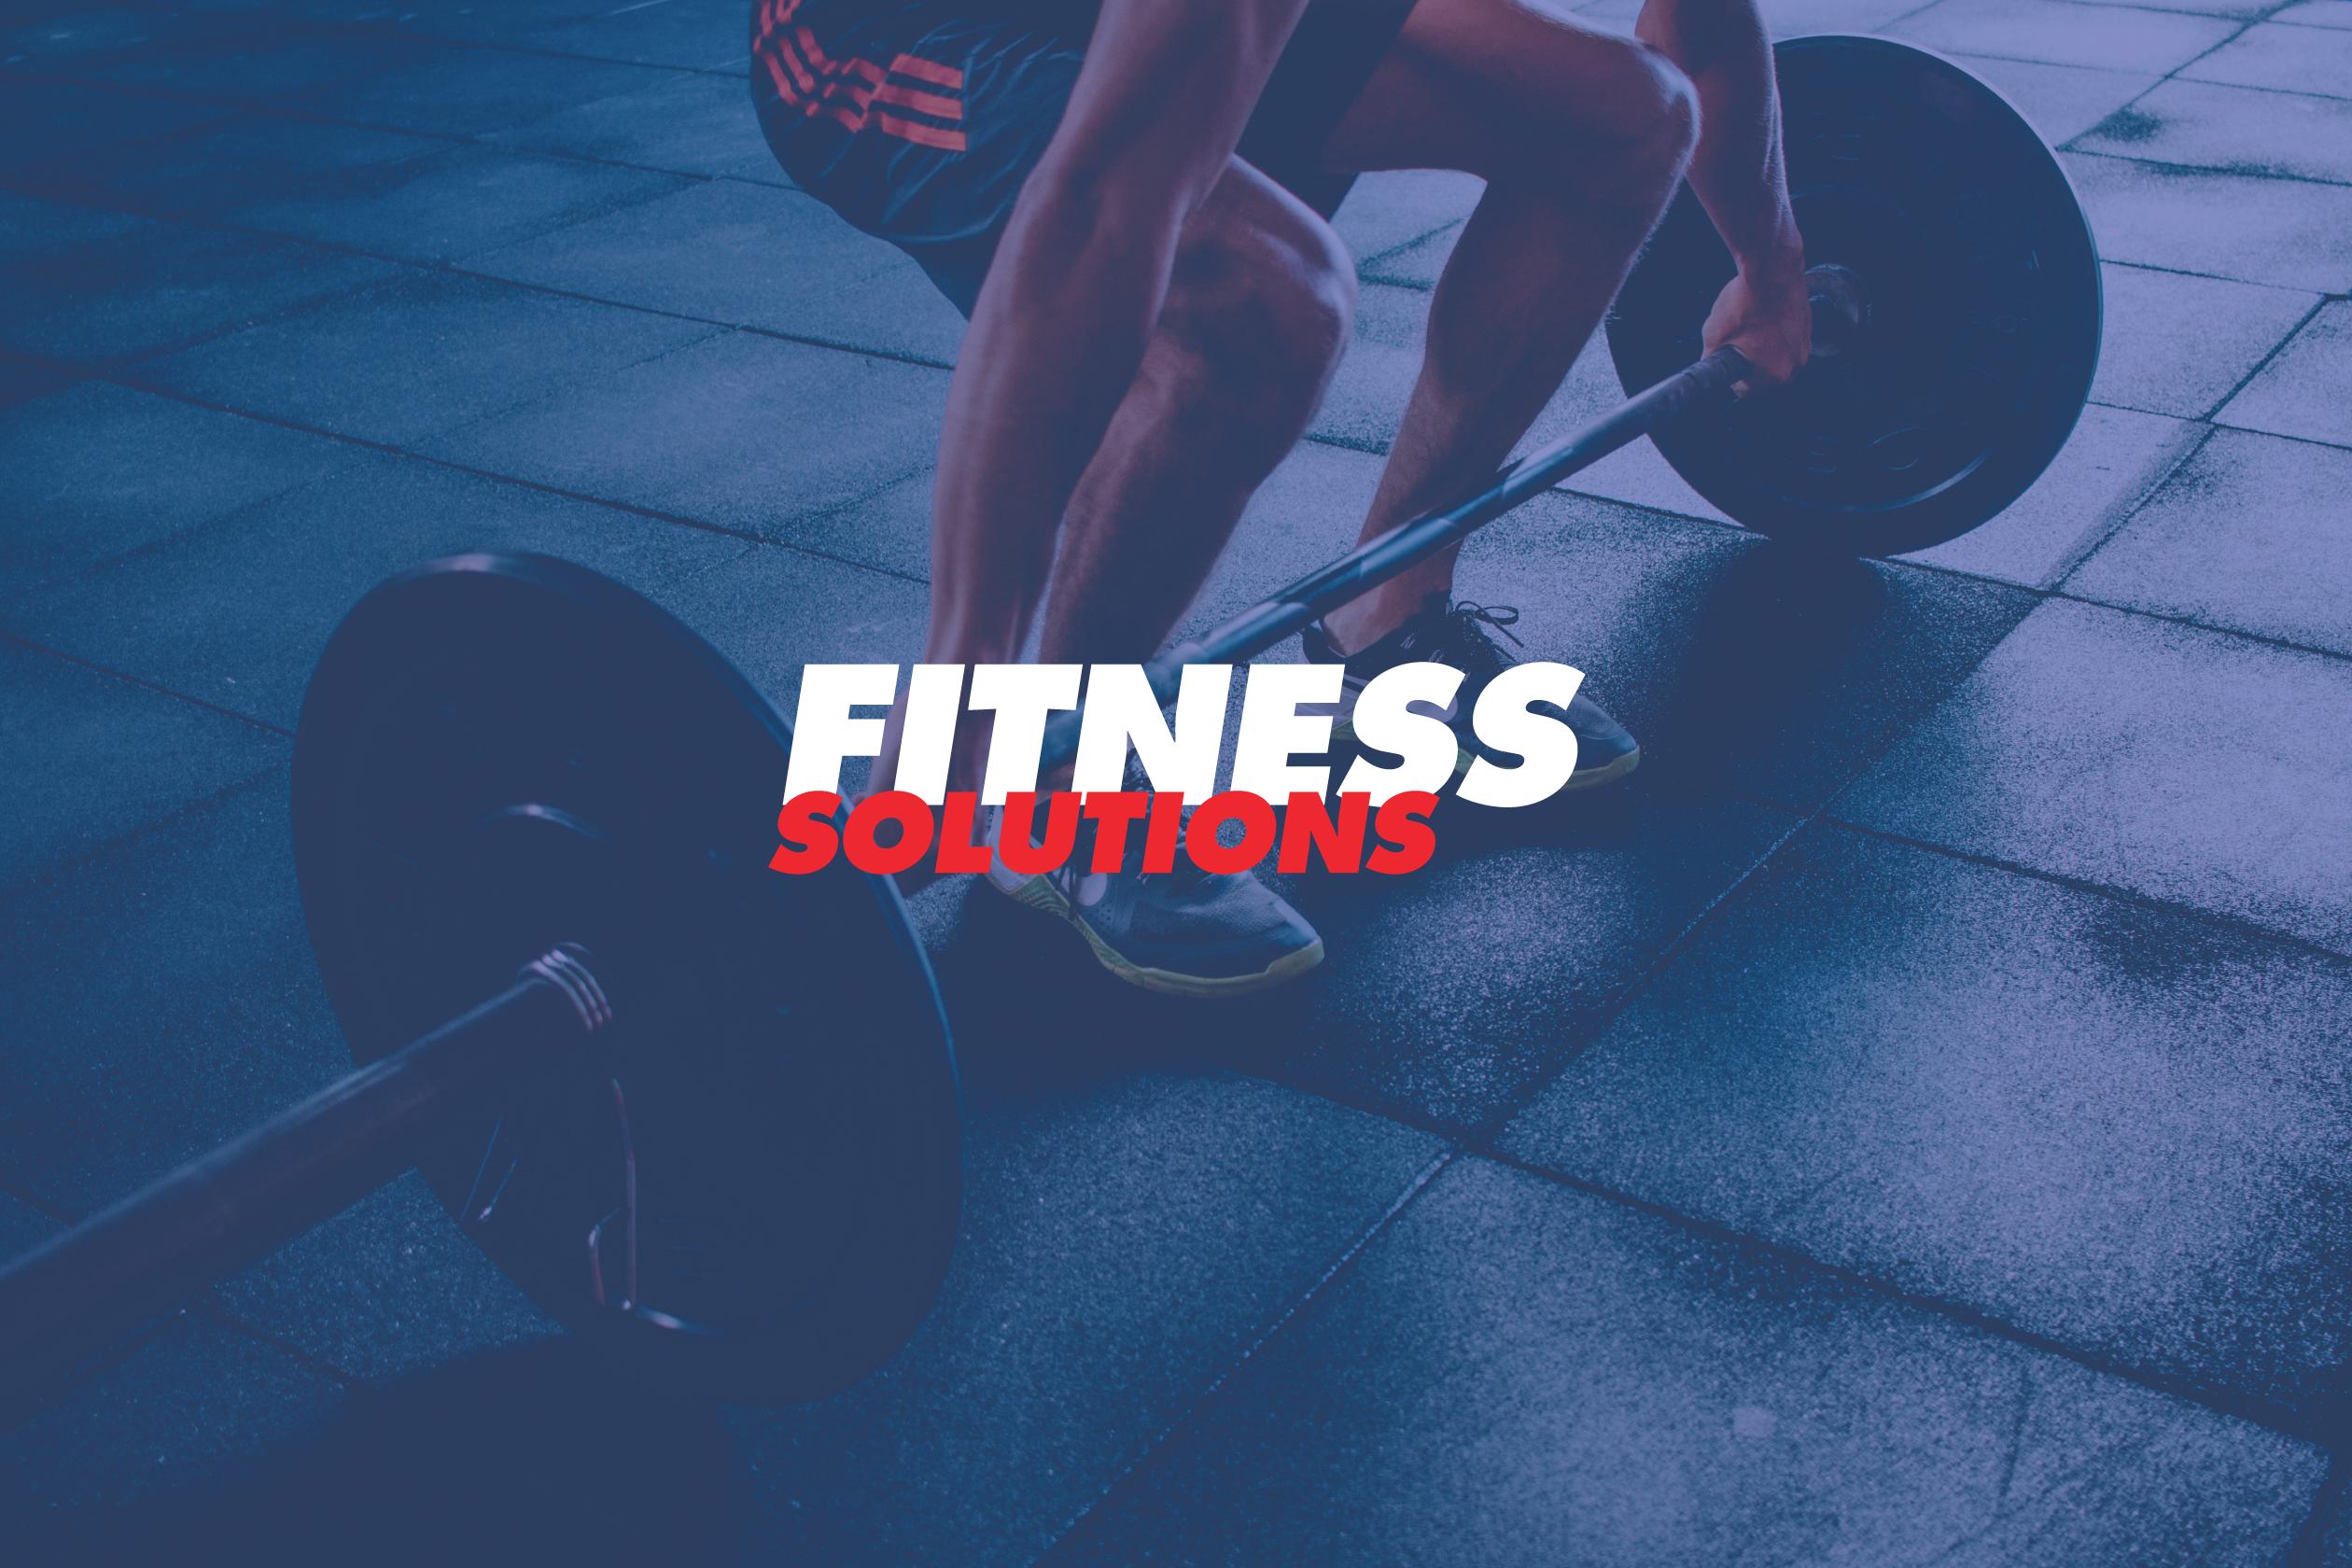 FitnessSolutions_Logo_Mockup